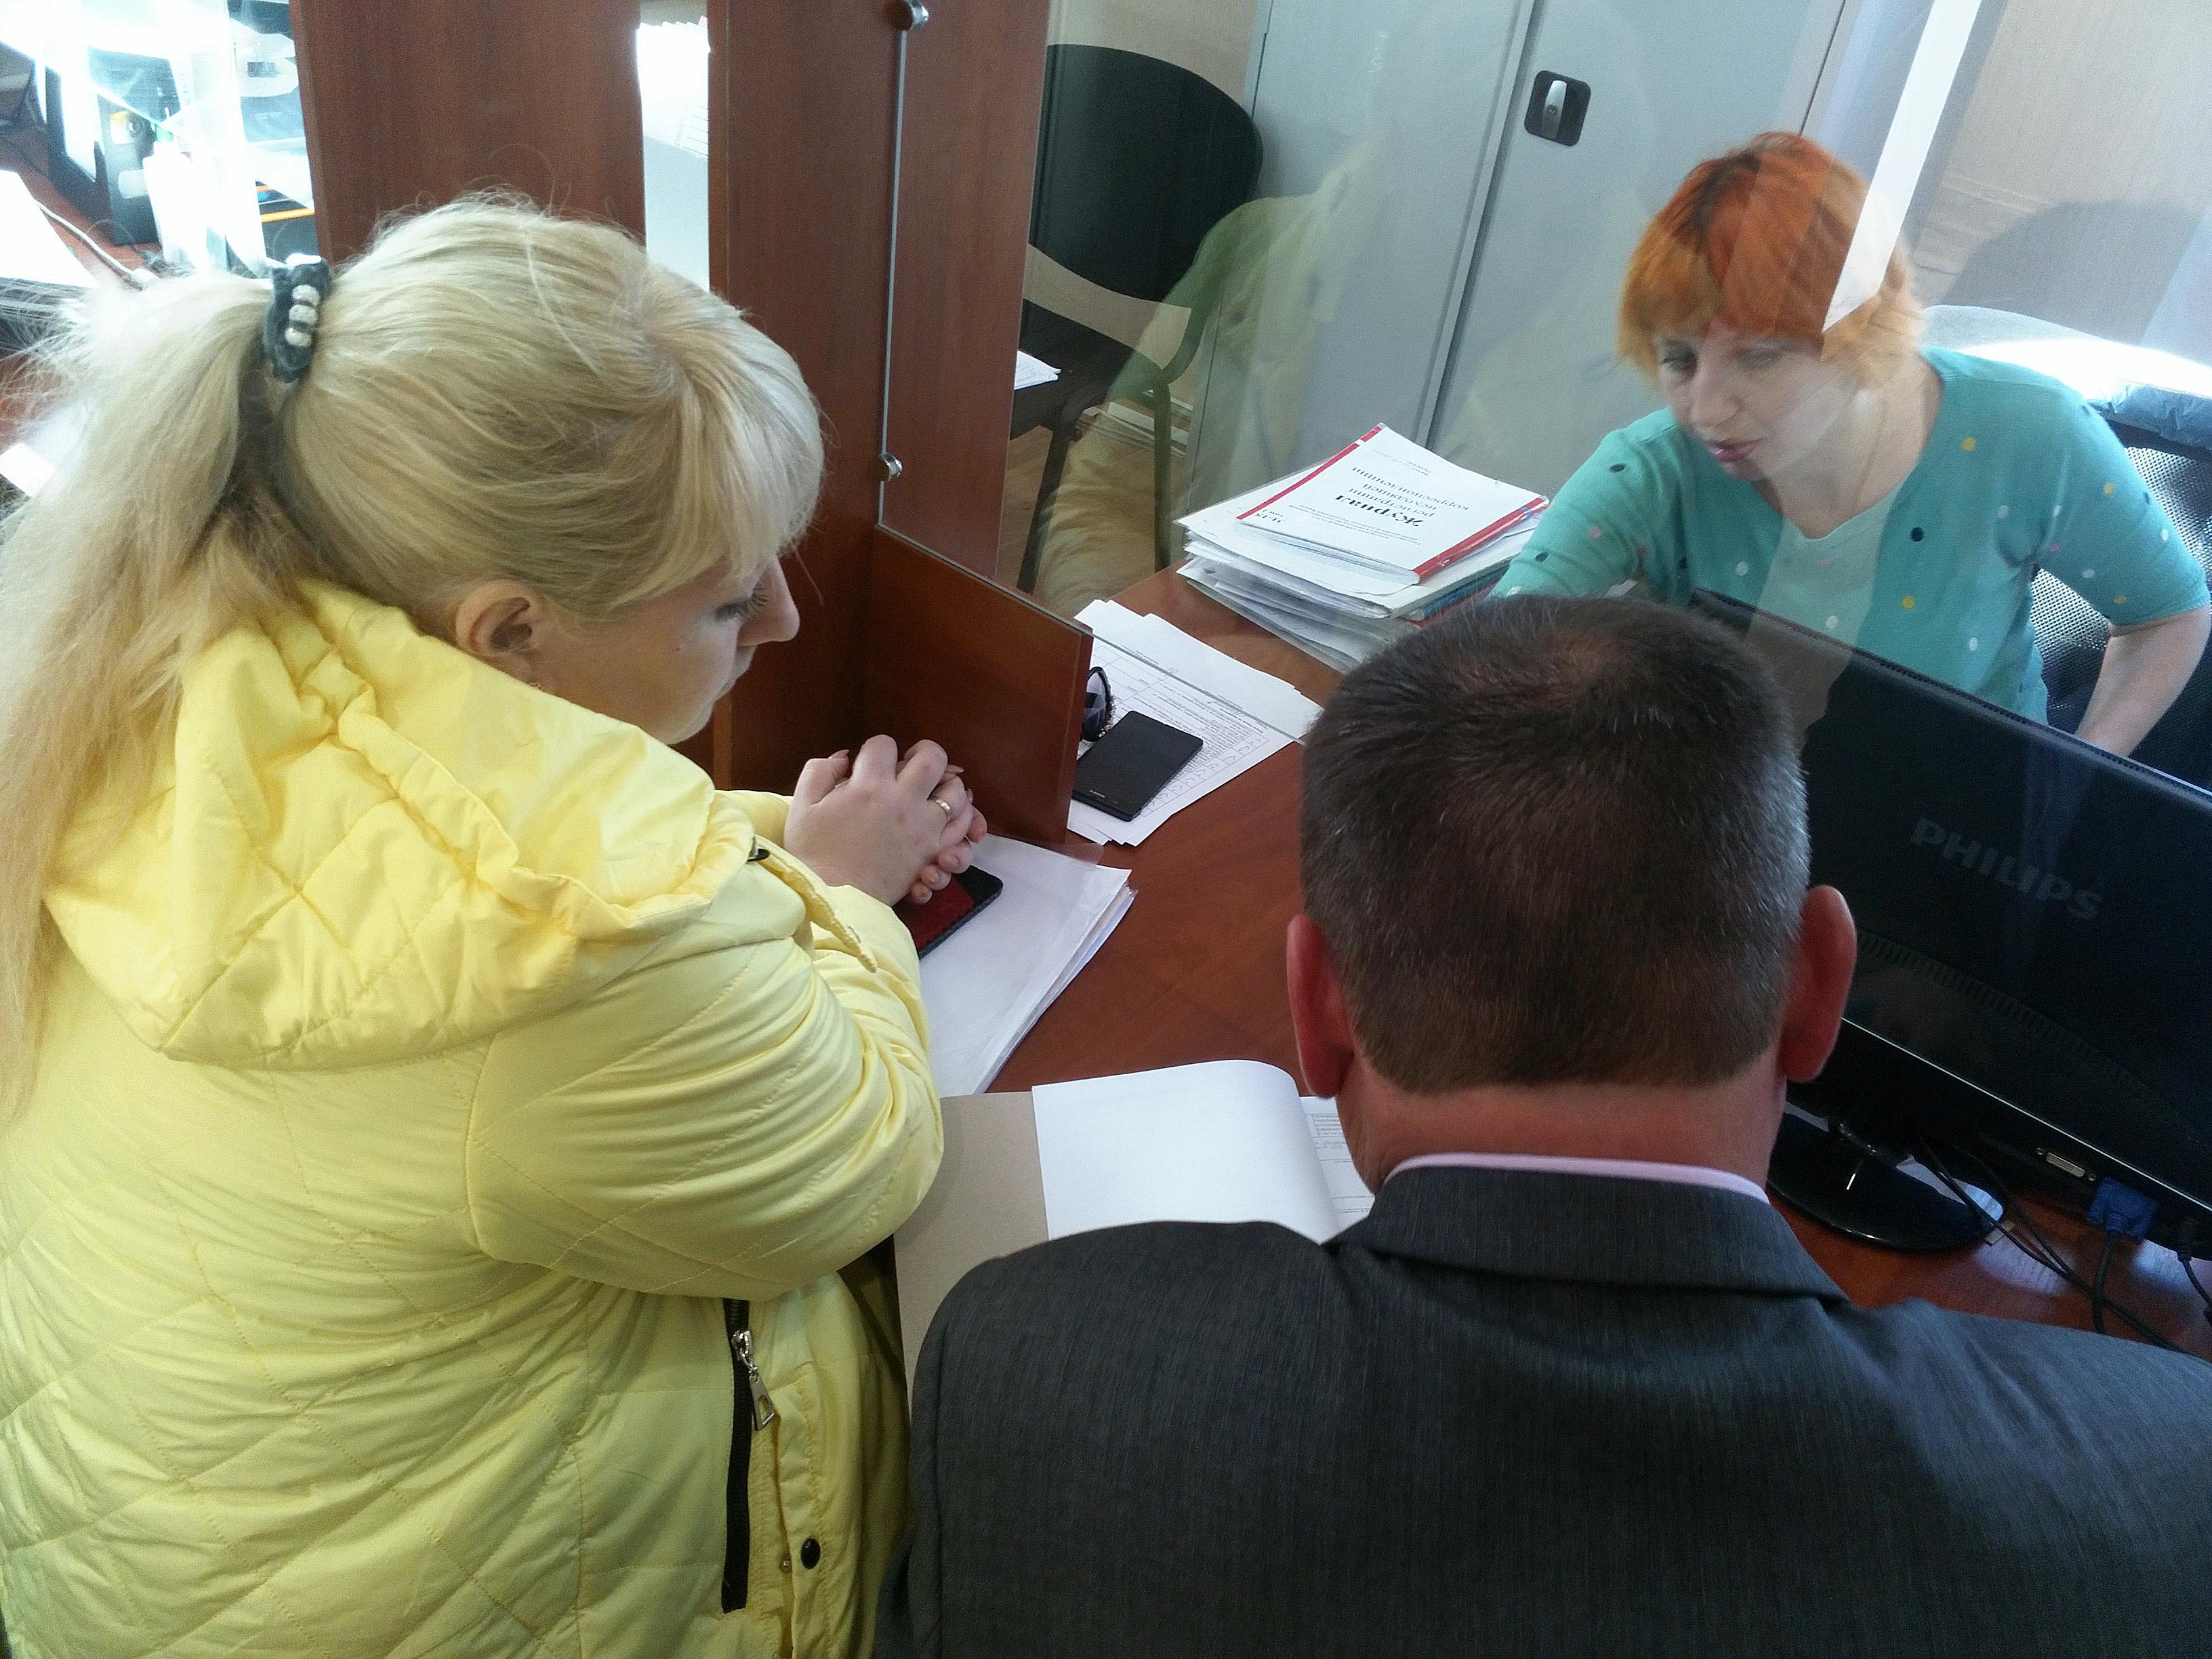 В Кировском районном отделе Госкомрегистра оформили и вручили  документы на жильё крымчанке лишившейся родительской опеки